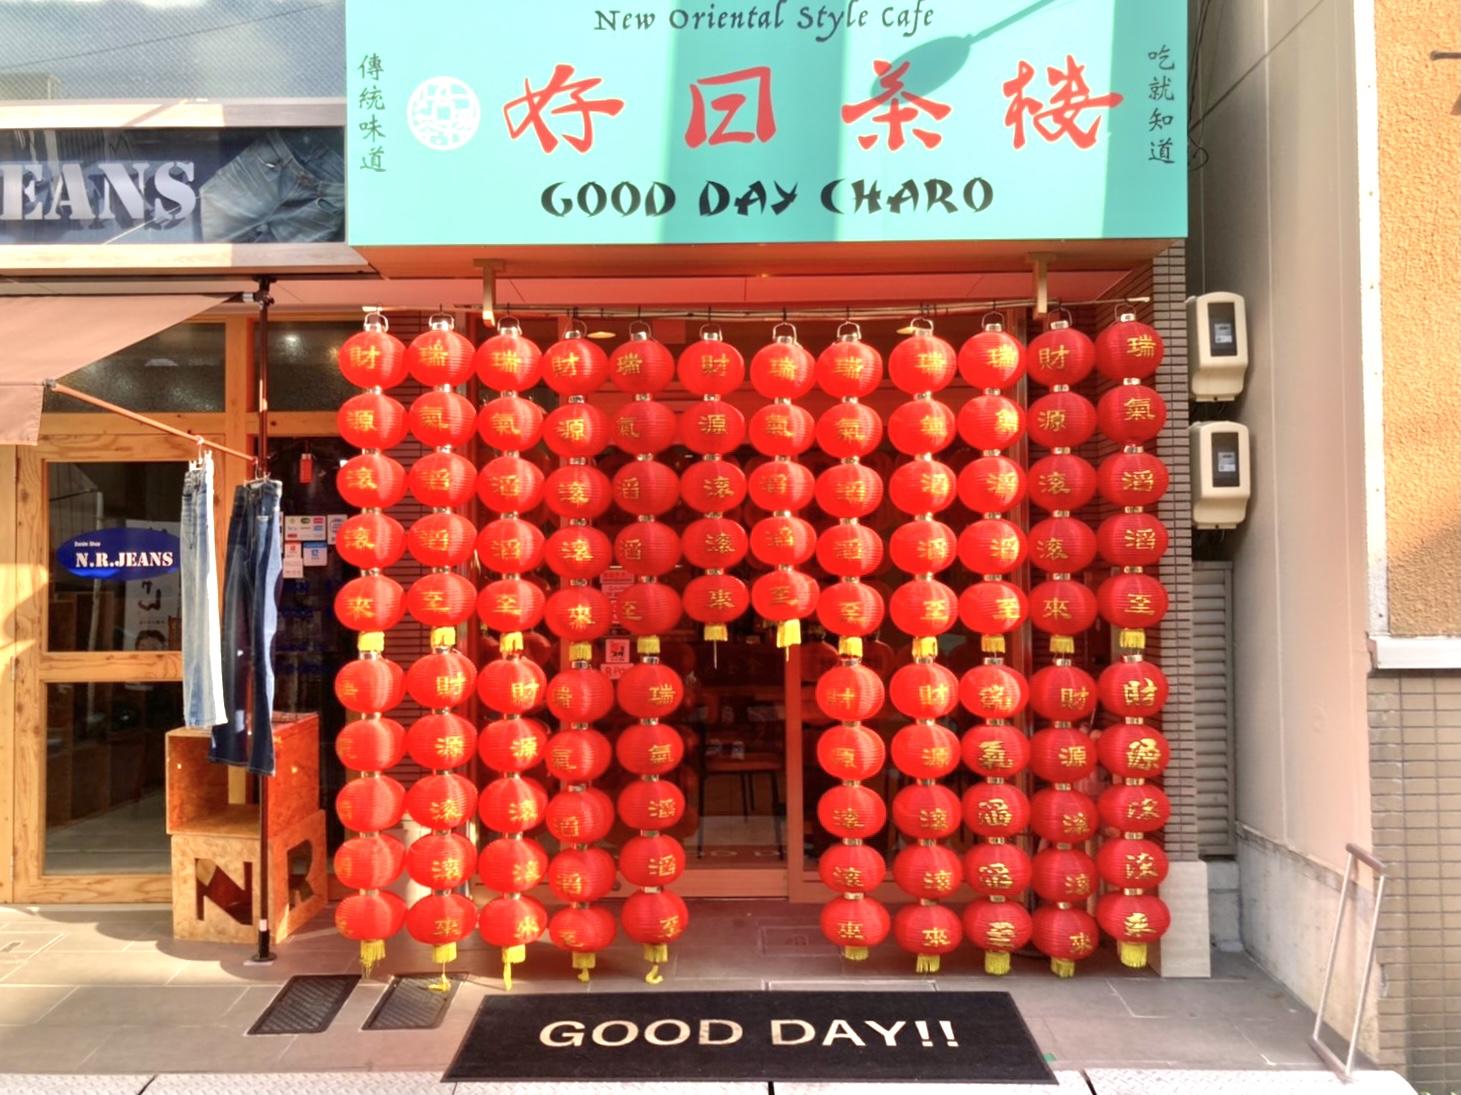 台湾スイーツ・豆花の食べ放題を楽しもう!「好日茶楼」で台湾旅行気分に。 - F1BCAF4B 4328 436F 9E9D 60B8962DD617